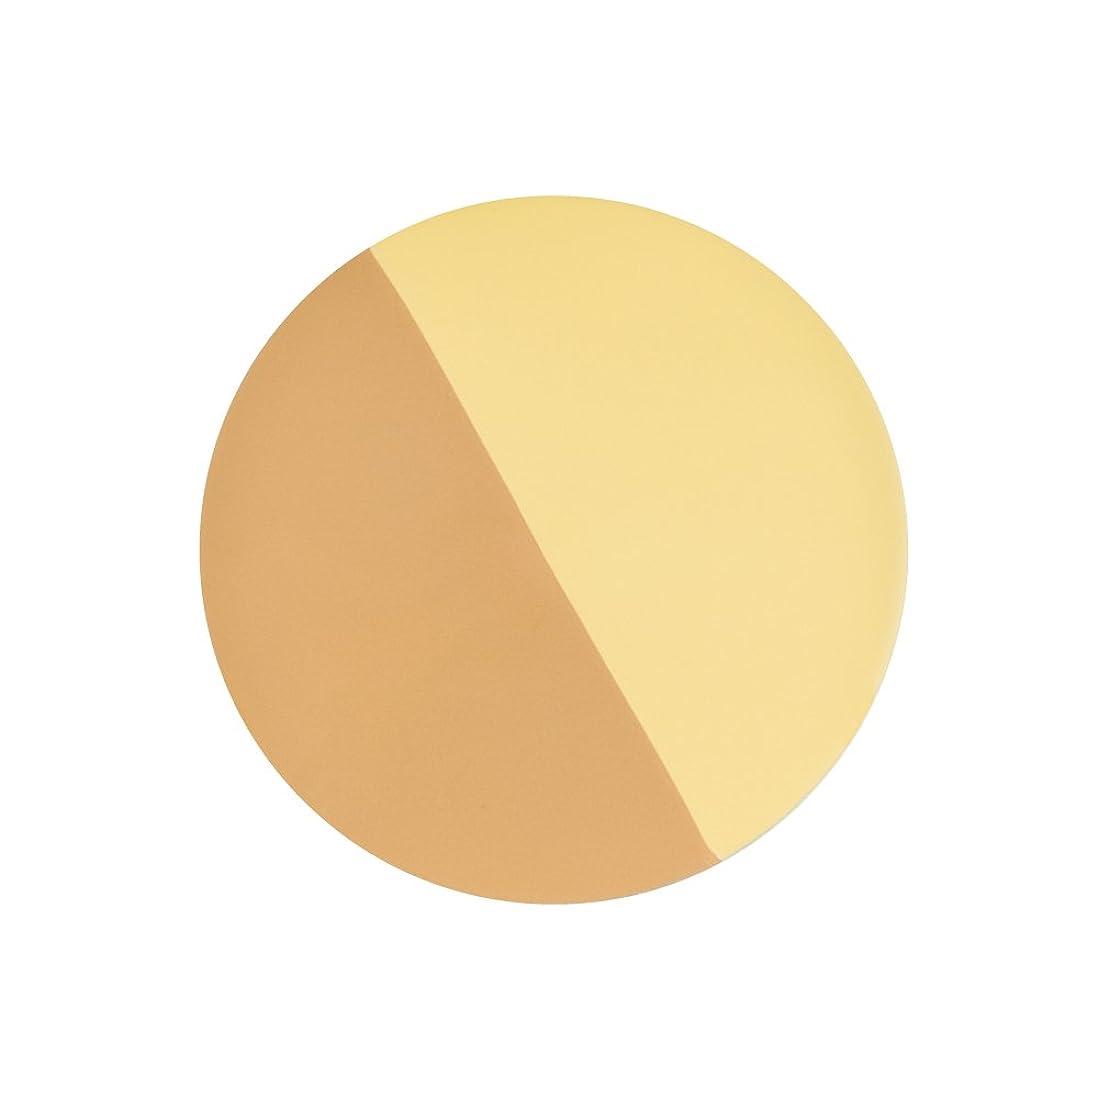 同級生レビュアーデコラティブかづきれいこ UVパーフェクトファンデーション イエローベージュ<1>(リフィル)